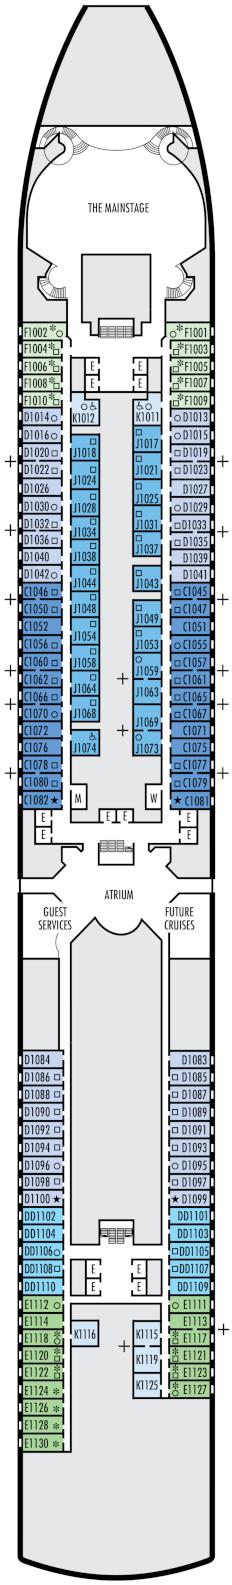 Eurodam Main Deck Deck Plan